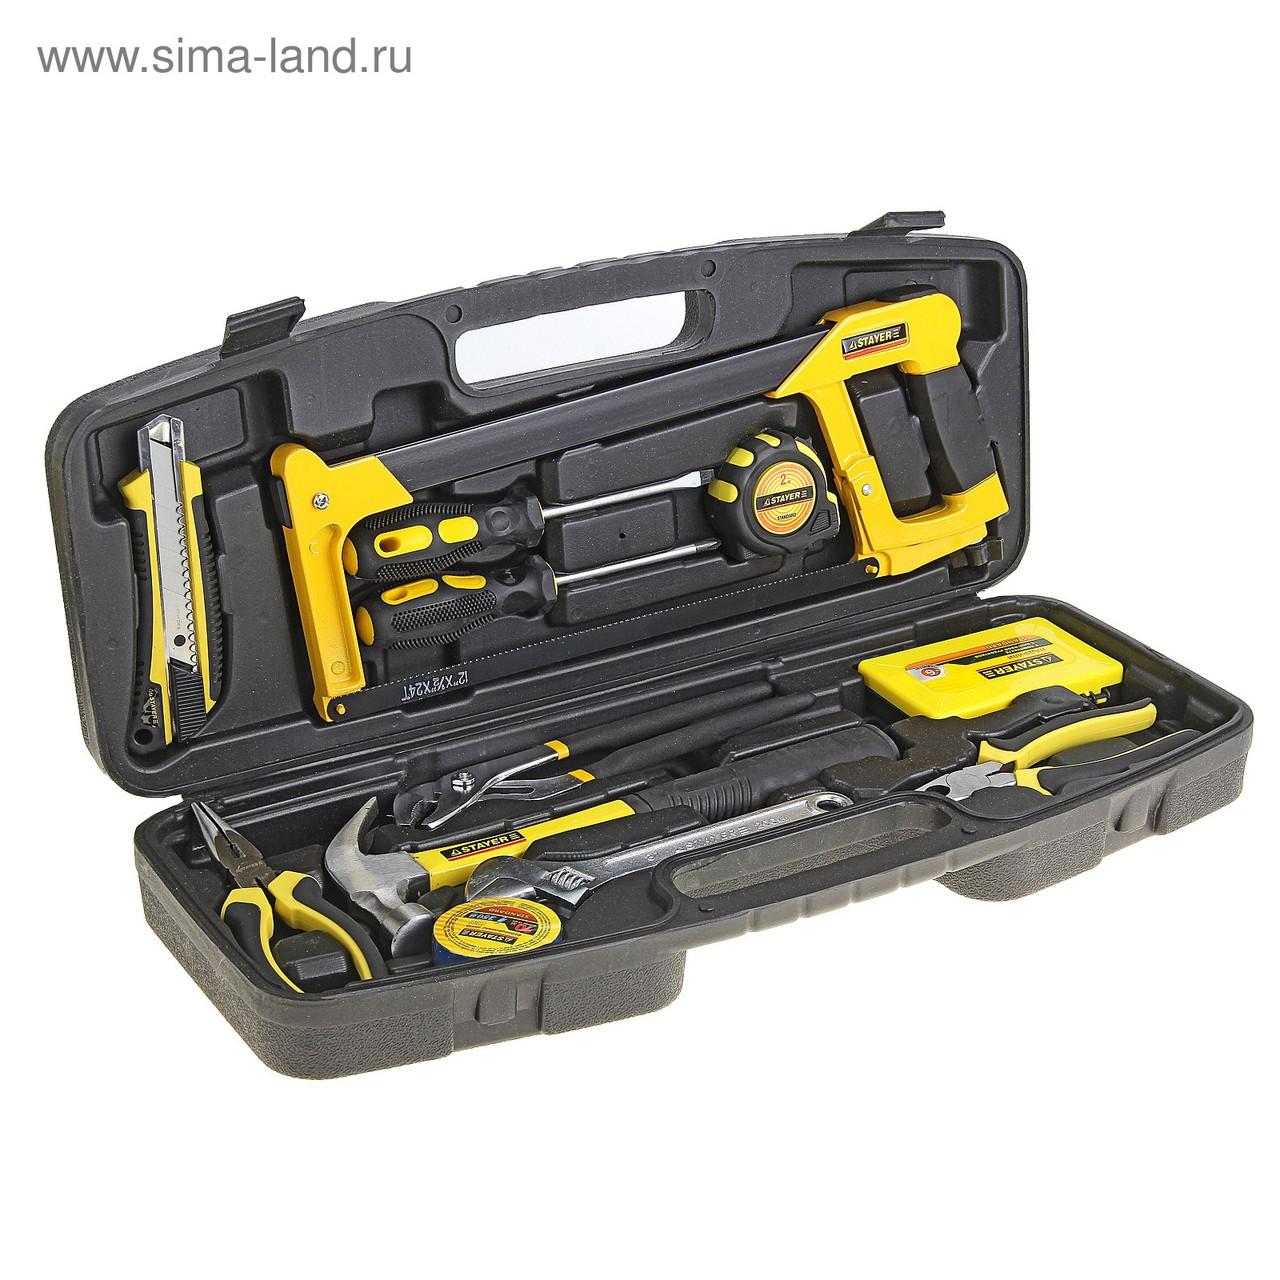 """(22053-H13) Набор инструментов STAYER """"STANDARD"""" МАСТЕР для ремонтных работ, 13 предметов"""